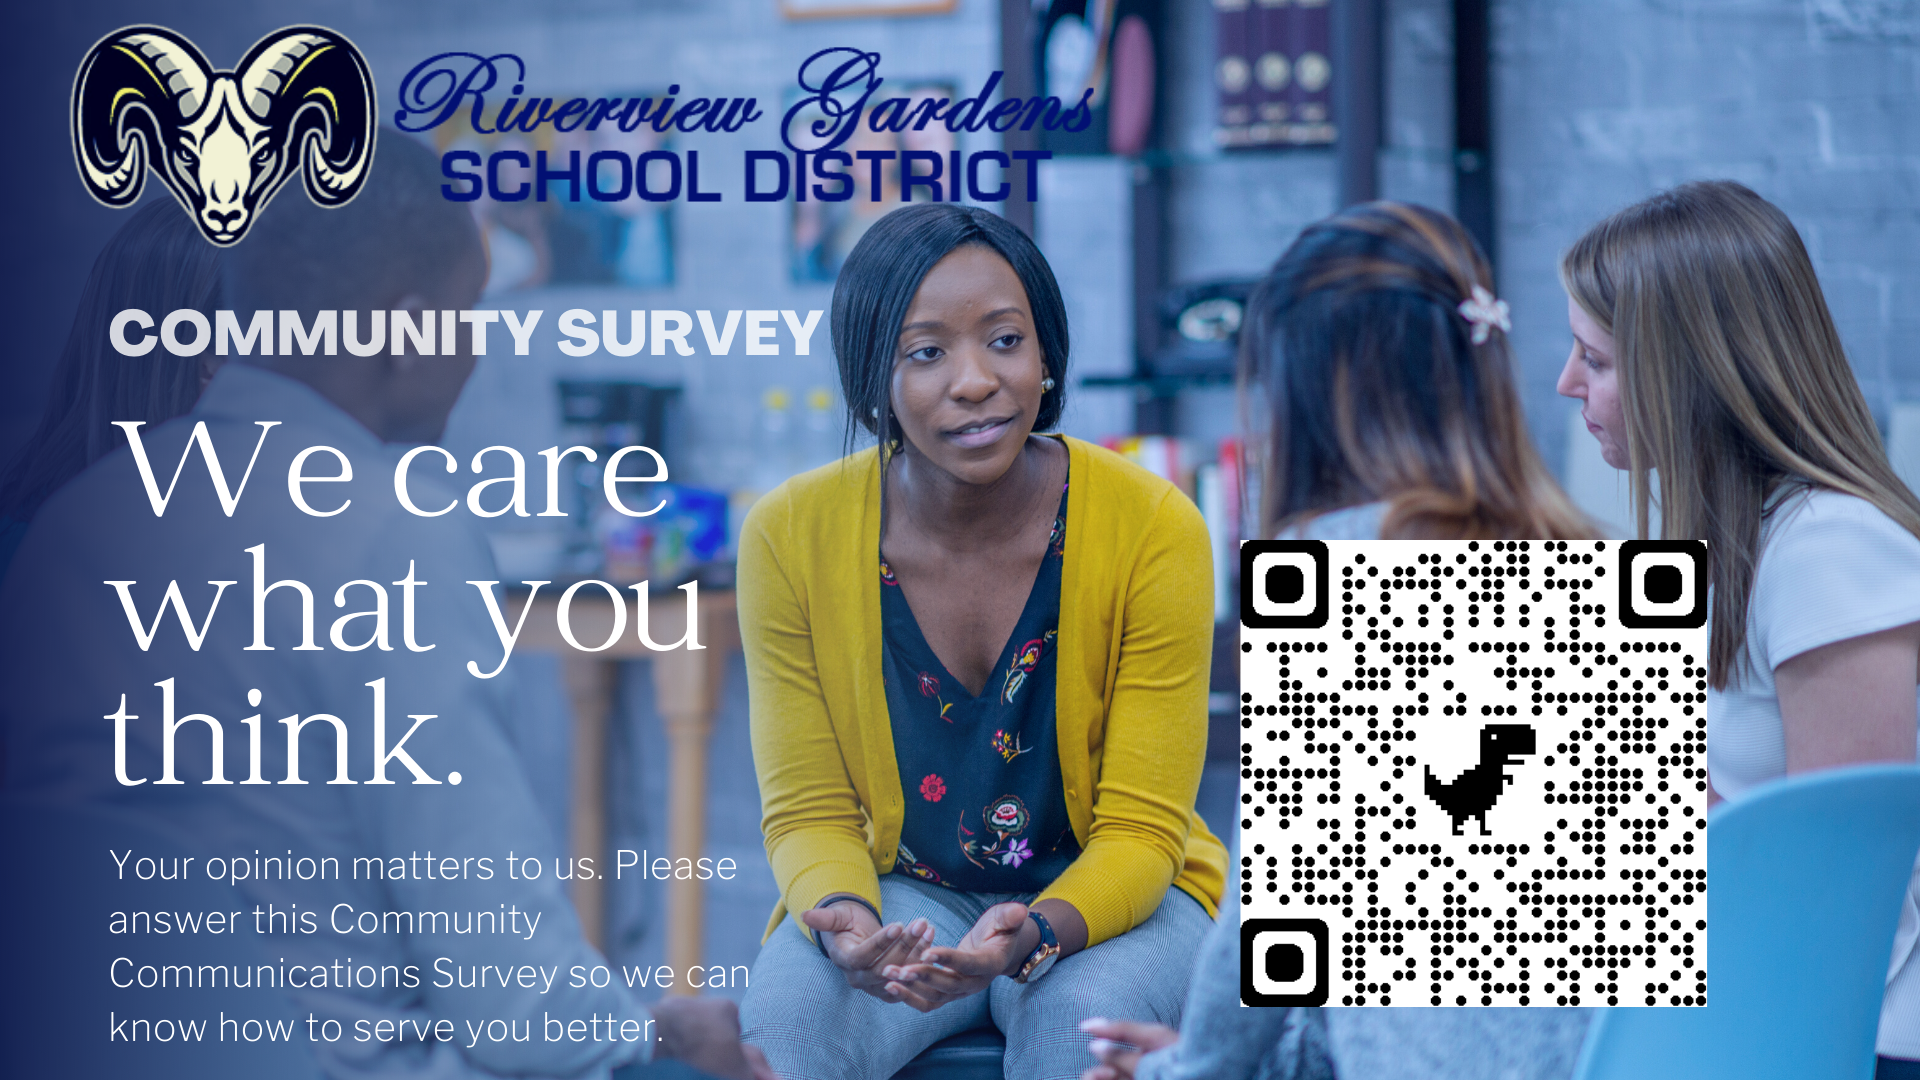 Communications Survey for Community (Non Parents)